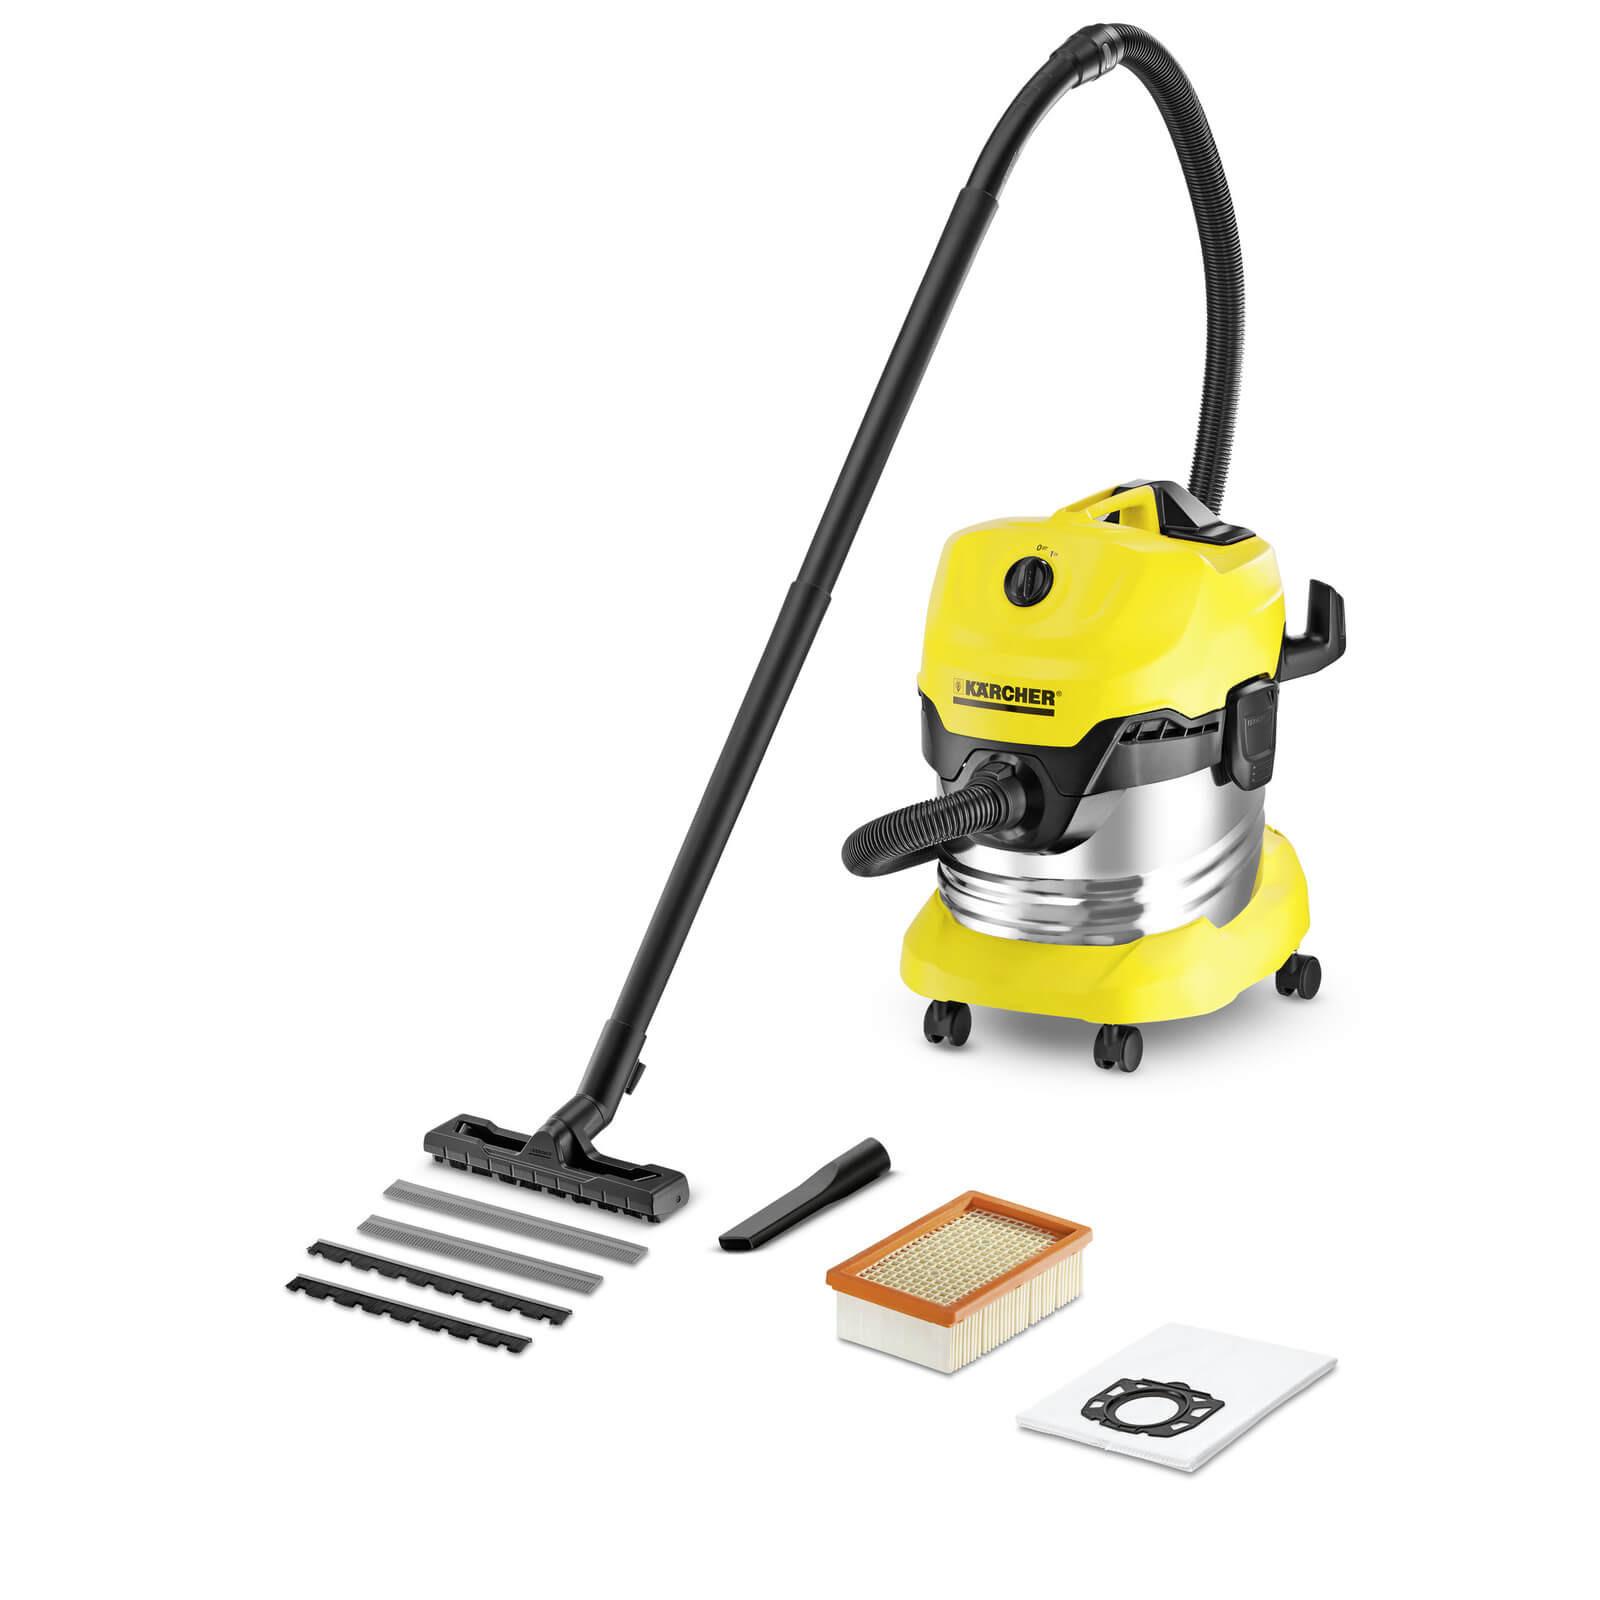 KARCHER Multi Purpose Vacuum Cleaner- WD 4 Premium